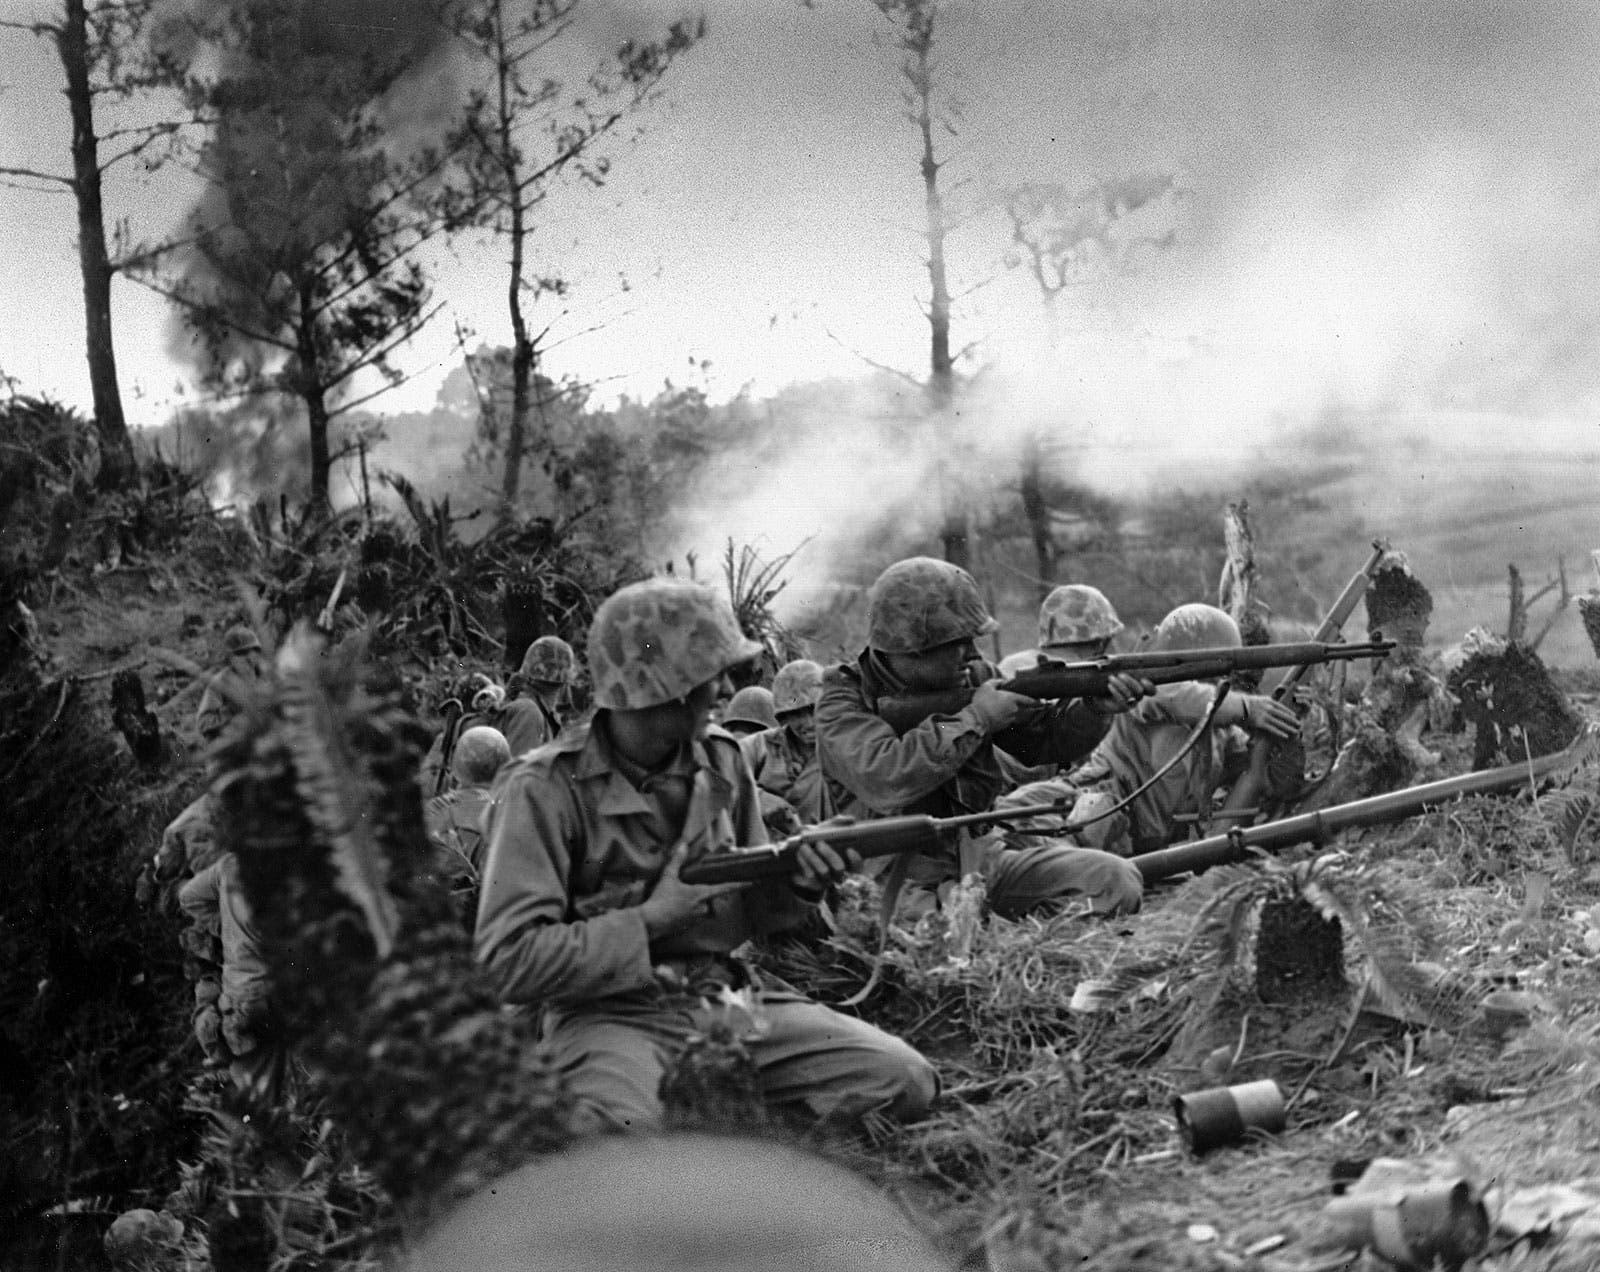 صورة لجنود أميركيين على ساحة المحيط الهادئ بالحرب العالمية الثانية